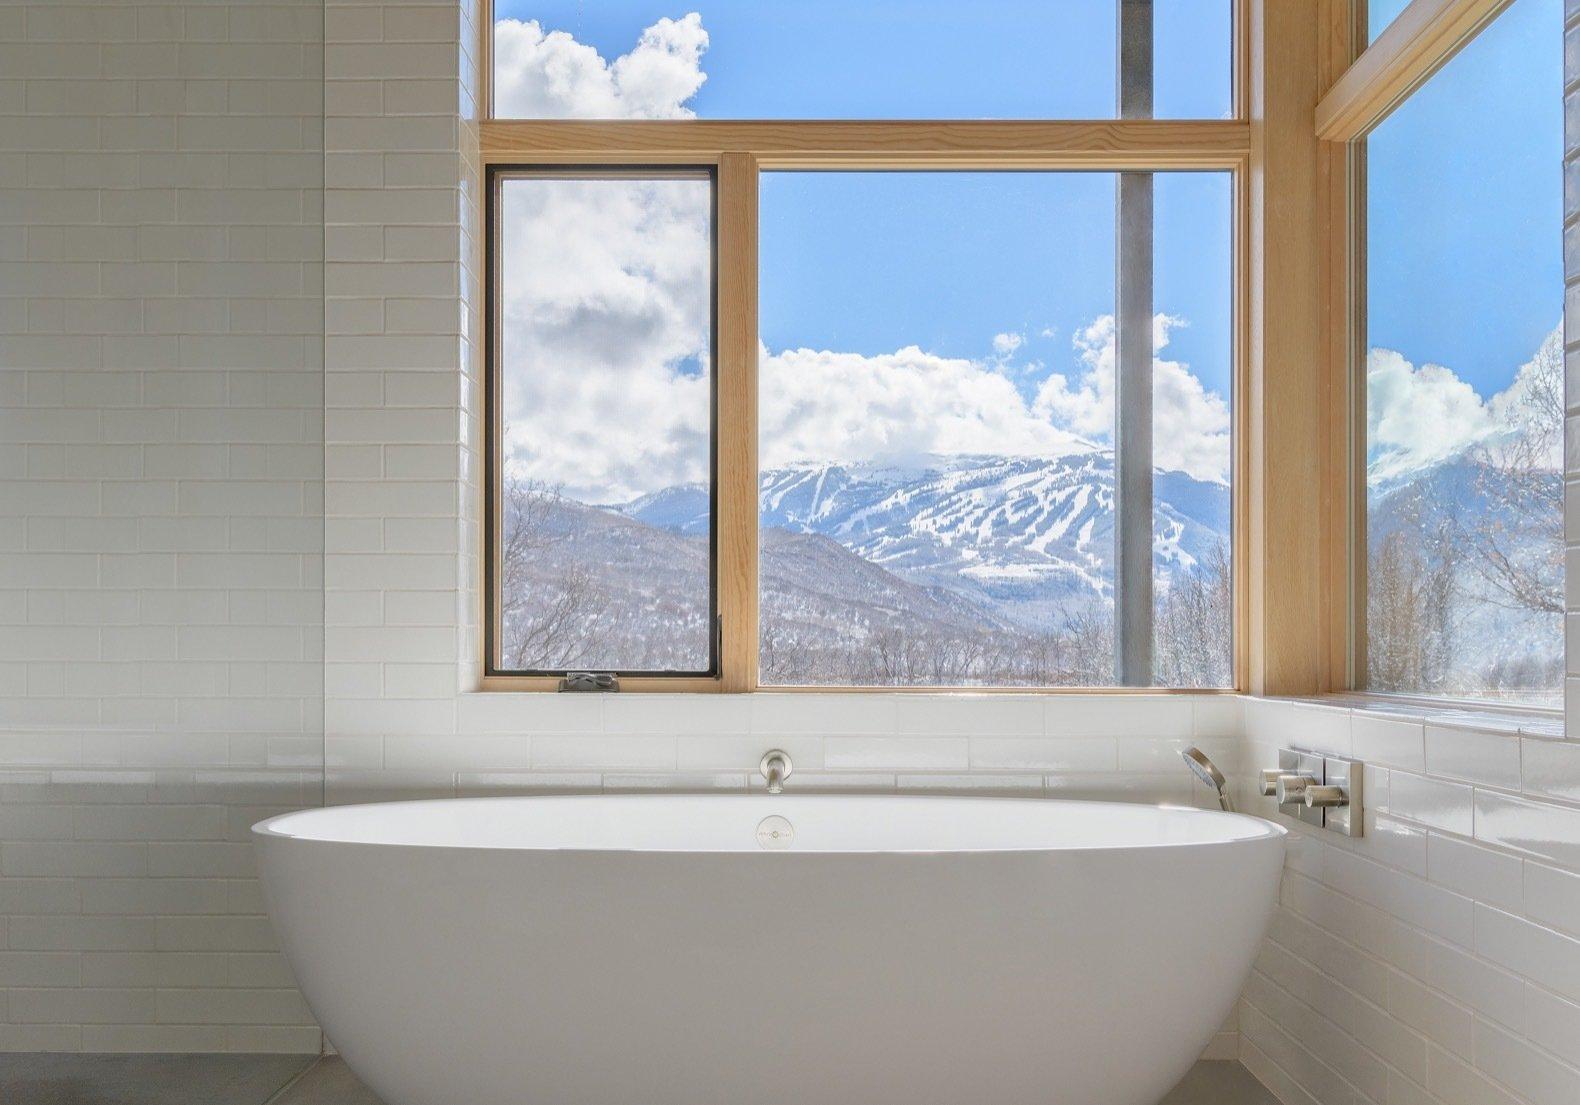 Gammel Dam bathtub